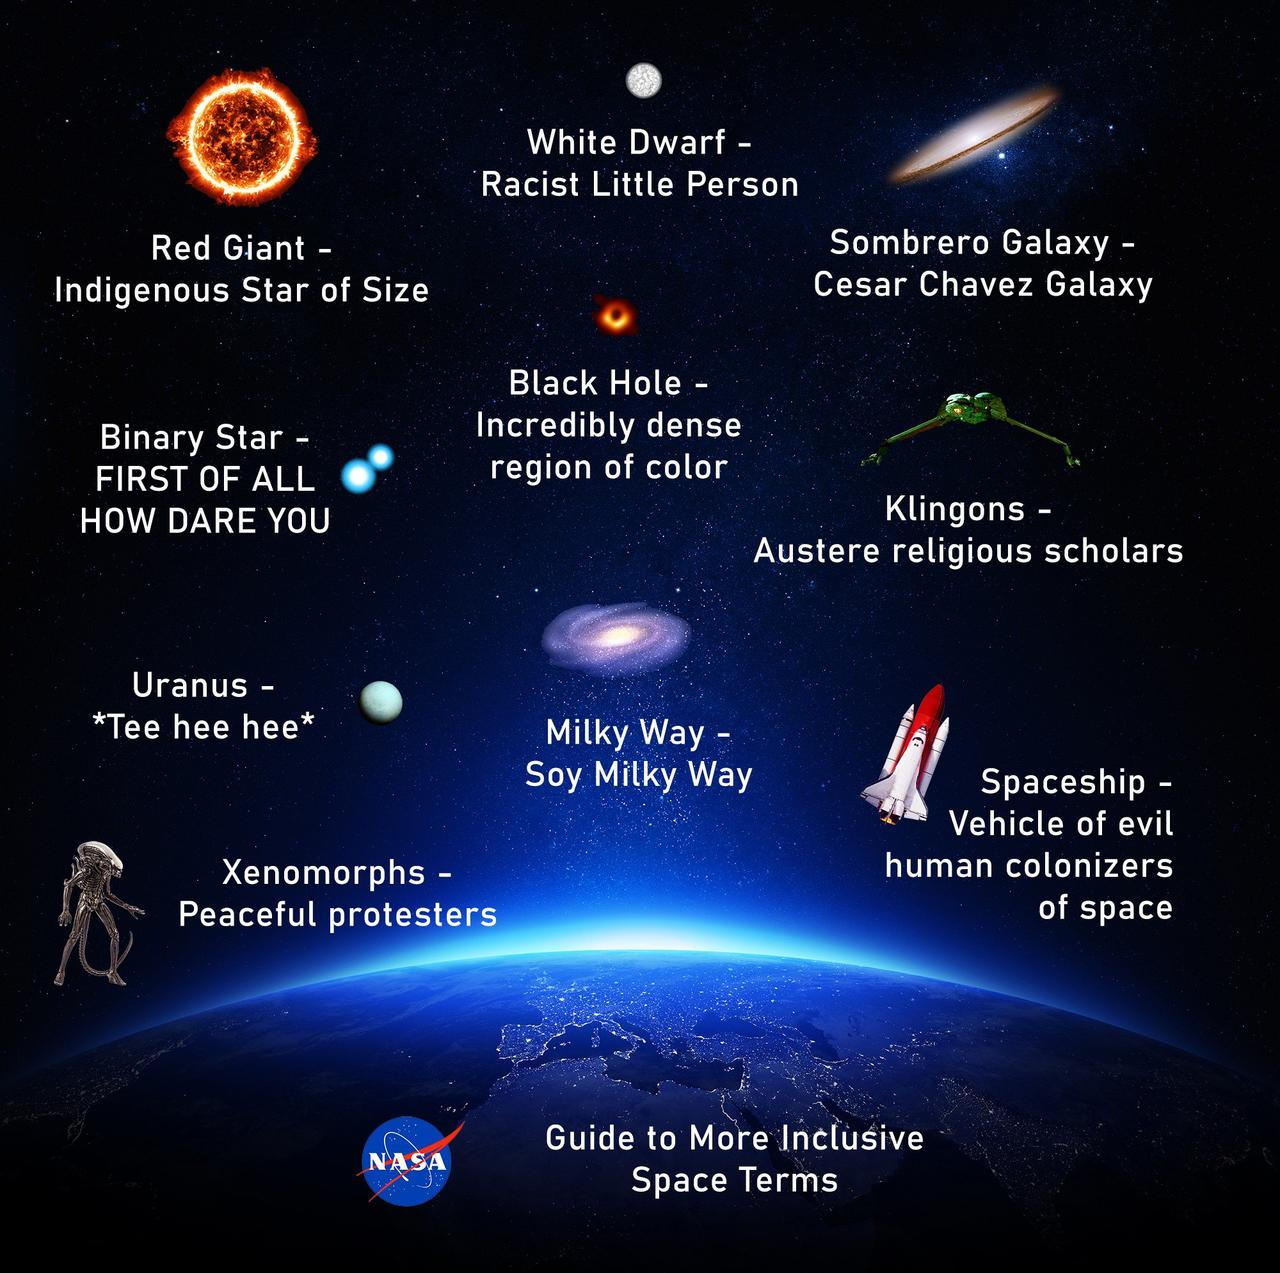 Obrázek NASAchcezacitpouzivatviceinkluzivniterminy